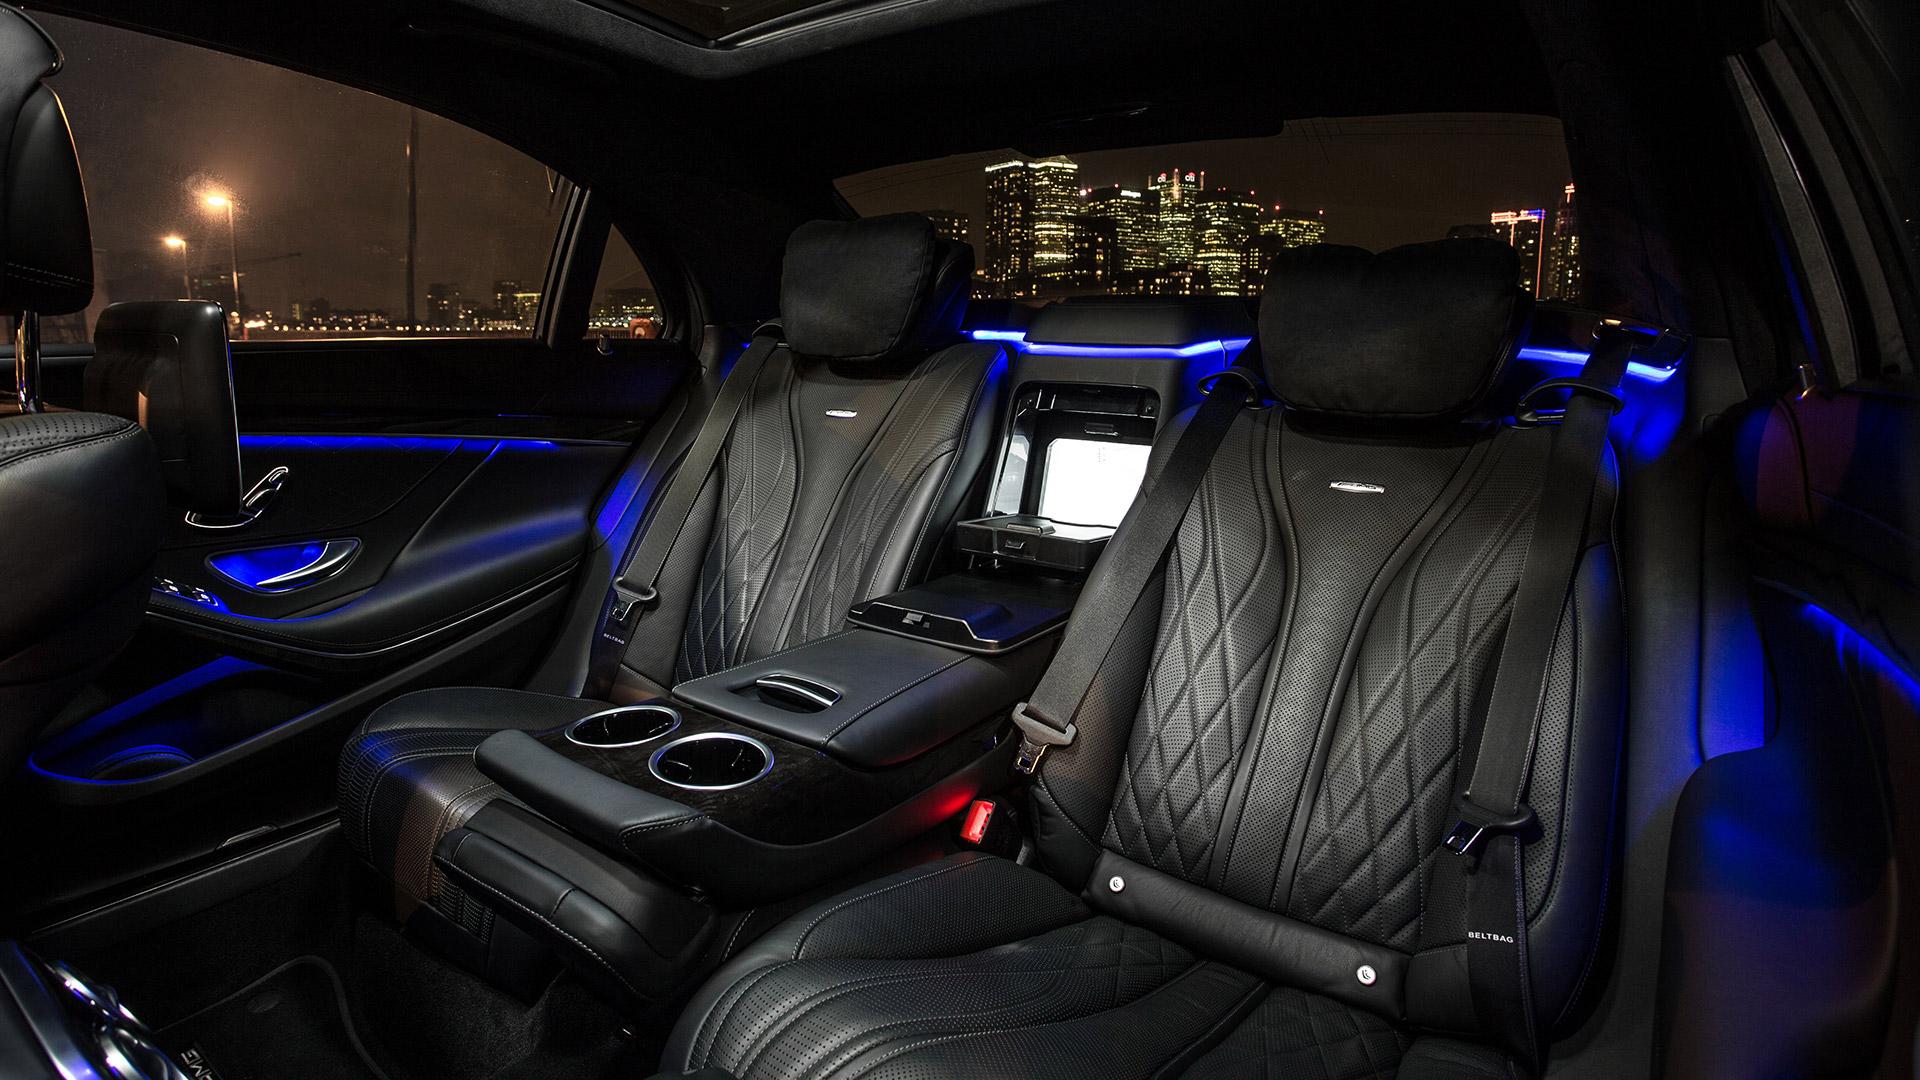 Mercedes Benz S63 Amg Coupe 2018 Std Interior Car Photos